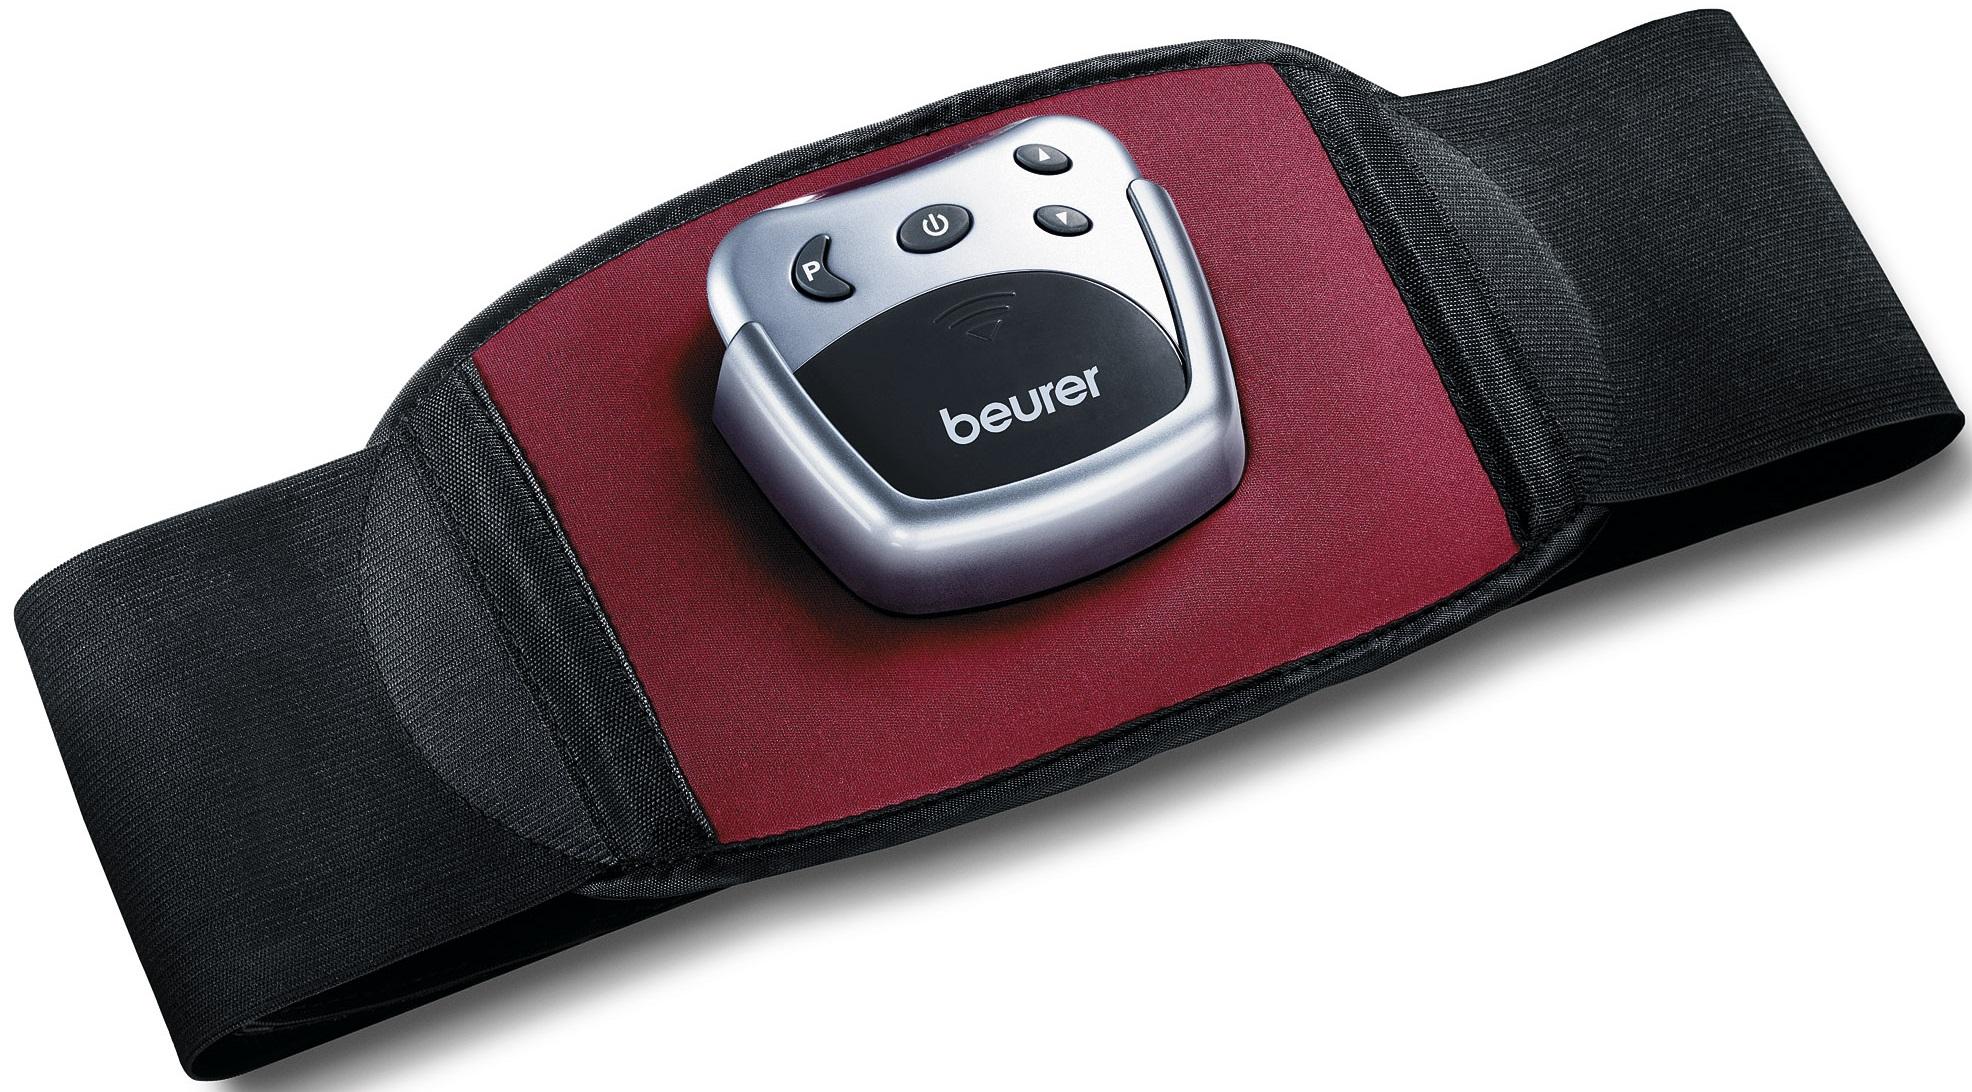 Beurer EM 30 - тренажер-миостимулятор для мышц живота (Black/Red)